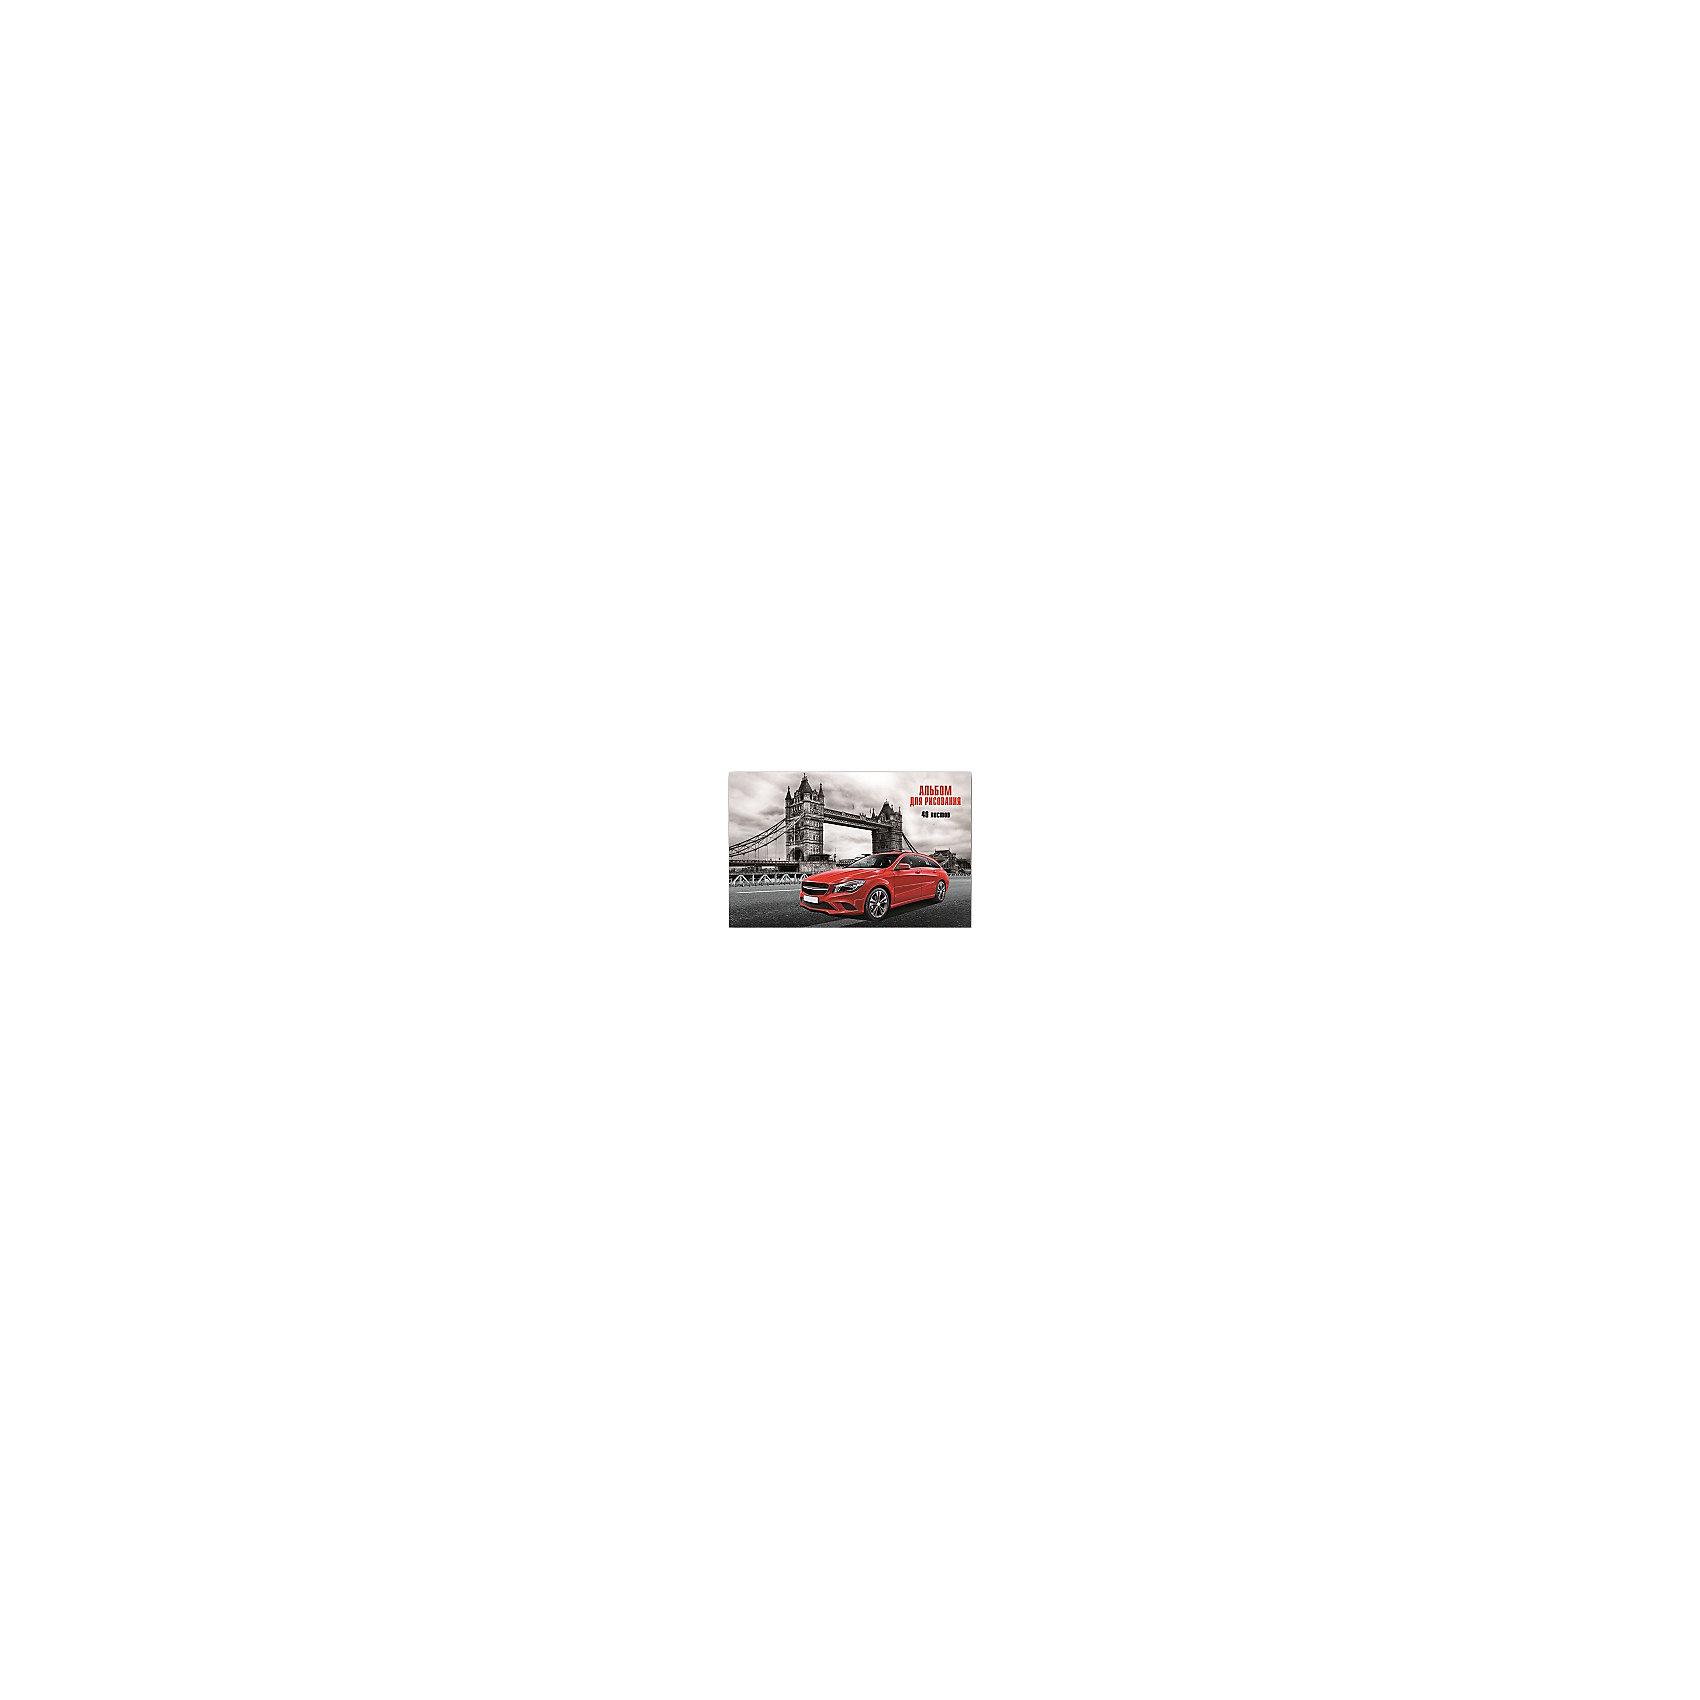 Альбом для рисования Красное авто, 40лСкоро 1 сентября, а значит Вашему ребенку обязательно понадобиться альбом для рисования!<br><br>Дополнительная информация:<br><br>- Возраст: от 3 лет.<br>- 40 листов.<br>- Орнамент: красное авто.<br>- Формат: А4.<br>- Материал: бумага, картон.<br>- Размер упаковки: 28,5х20х0,5 см.<br>- Вес в упаковке: 251 г.<br><br>Купить альбом для рисования Красное авто можно в нашем магазине.<br><br>Ширина мм: 285<br>Глубина мм: 200<br>Высота мм: 5<br>Вес г: 251<br>Возраст от месяцев: 36<br>Возраст до месяцев: 2147483647<br>Пол: Унисекс<br>Возраст: Детский<br>SKU: 4943484